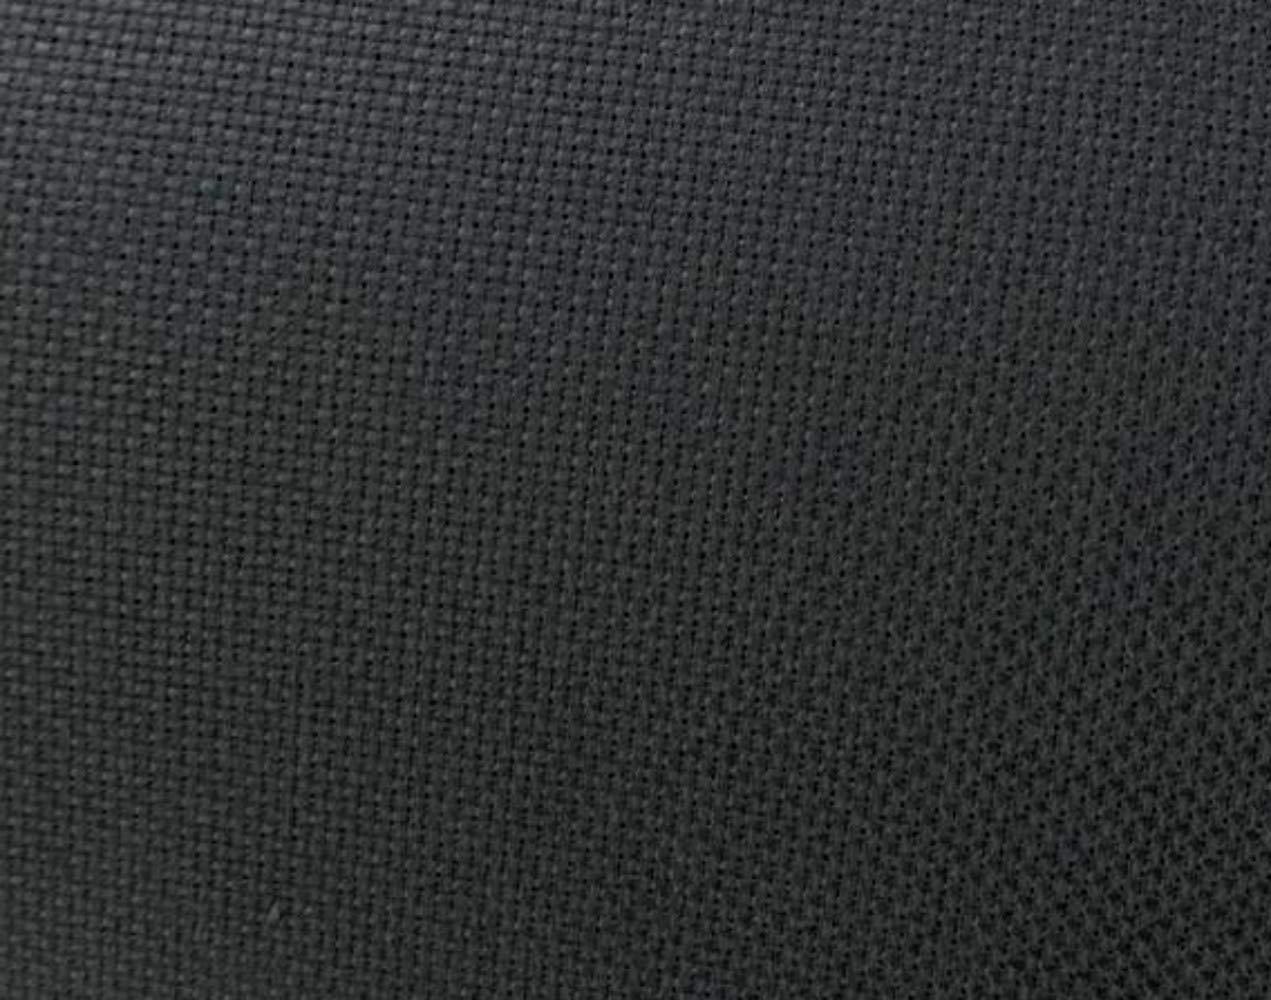 60' Wide Black Aida Cloth Cross Stitch by The Yard BurlapFabric.com